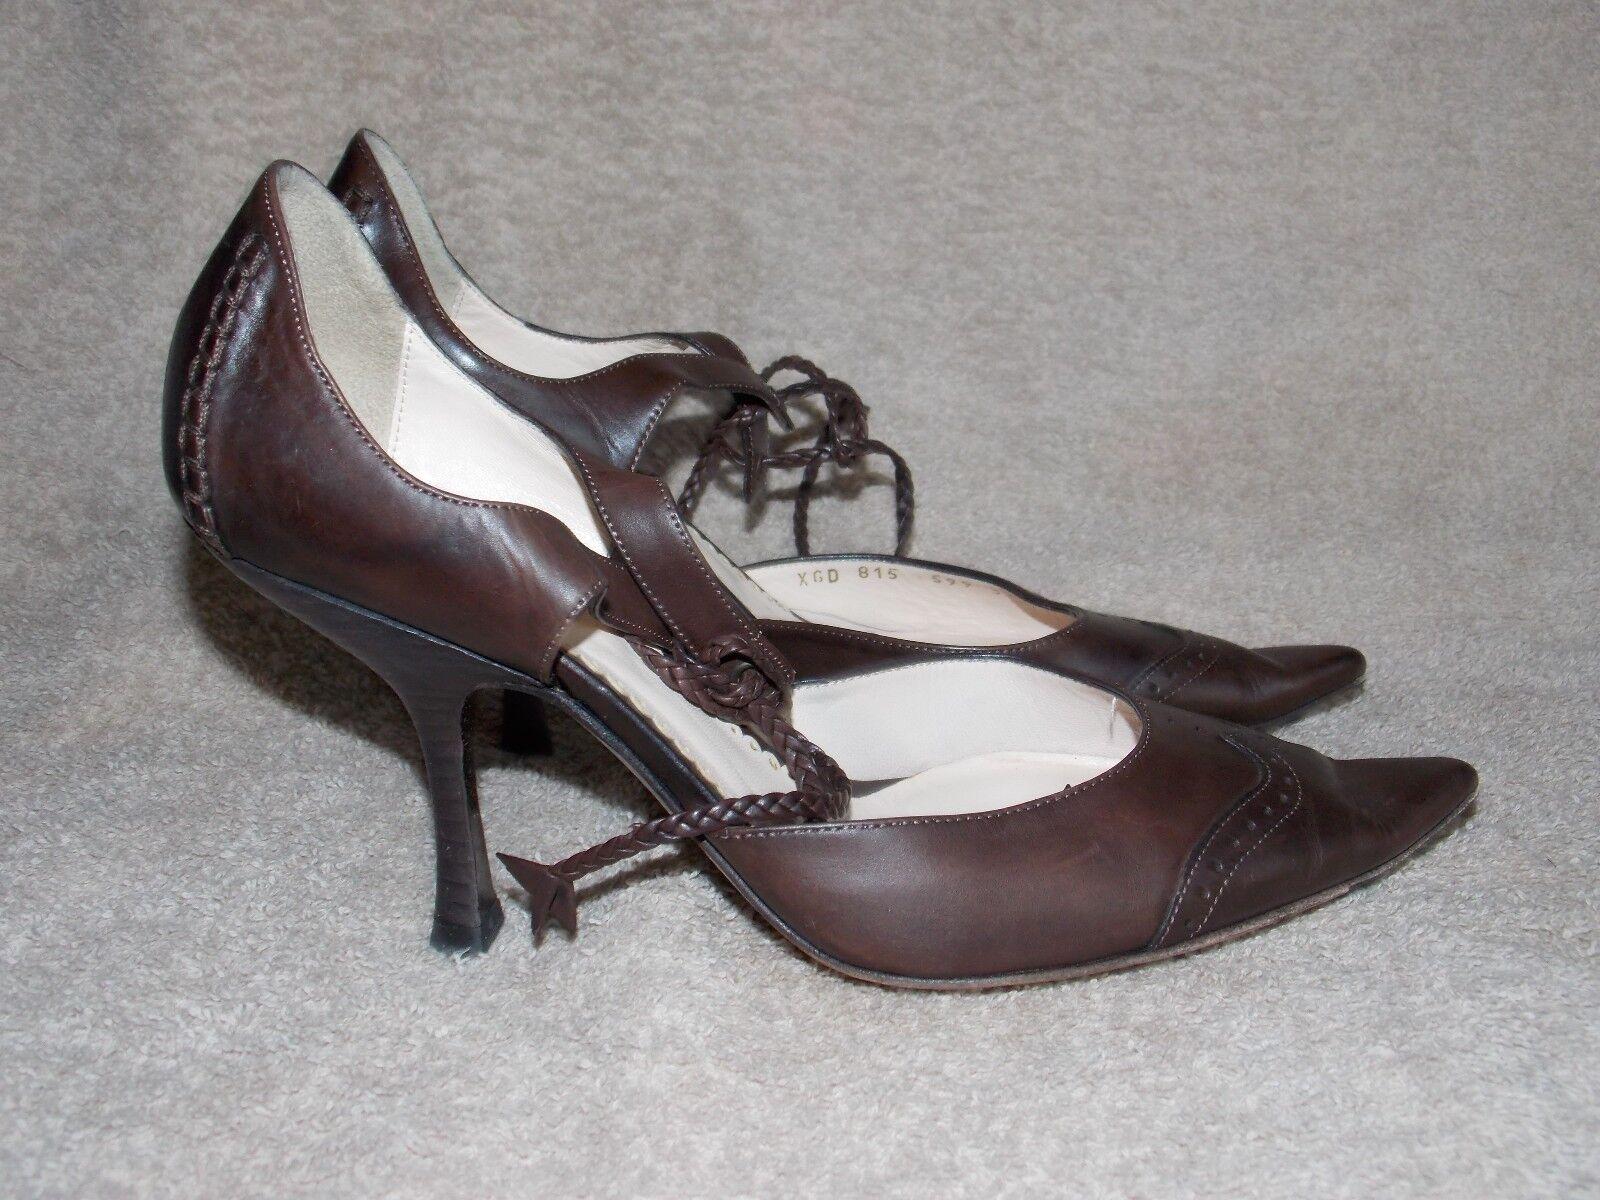 sconto prezzo basso Giorgio Armani Marrone Marrone Marrone Leather VICTORIAN Ox Pump Heels 37 7 Used  punto vendita